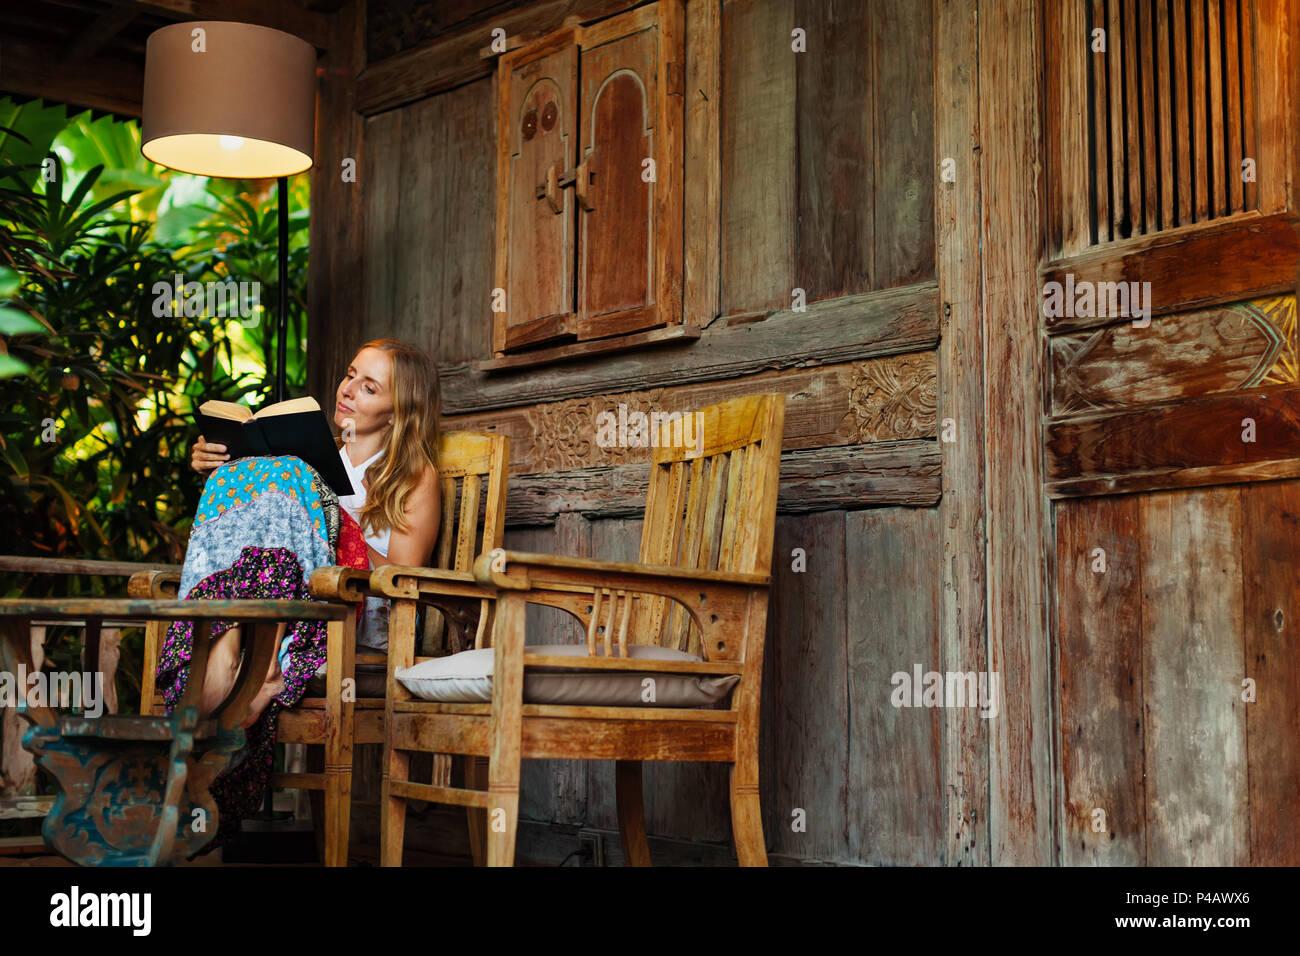 Jolie jeune fille s'asseoir sur la véranda en plein air de bungalow en bois avec vue sur le jardin tropical, lisez romance au livre papier. Young woman relaxing in Luxury villa Photo Stock